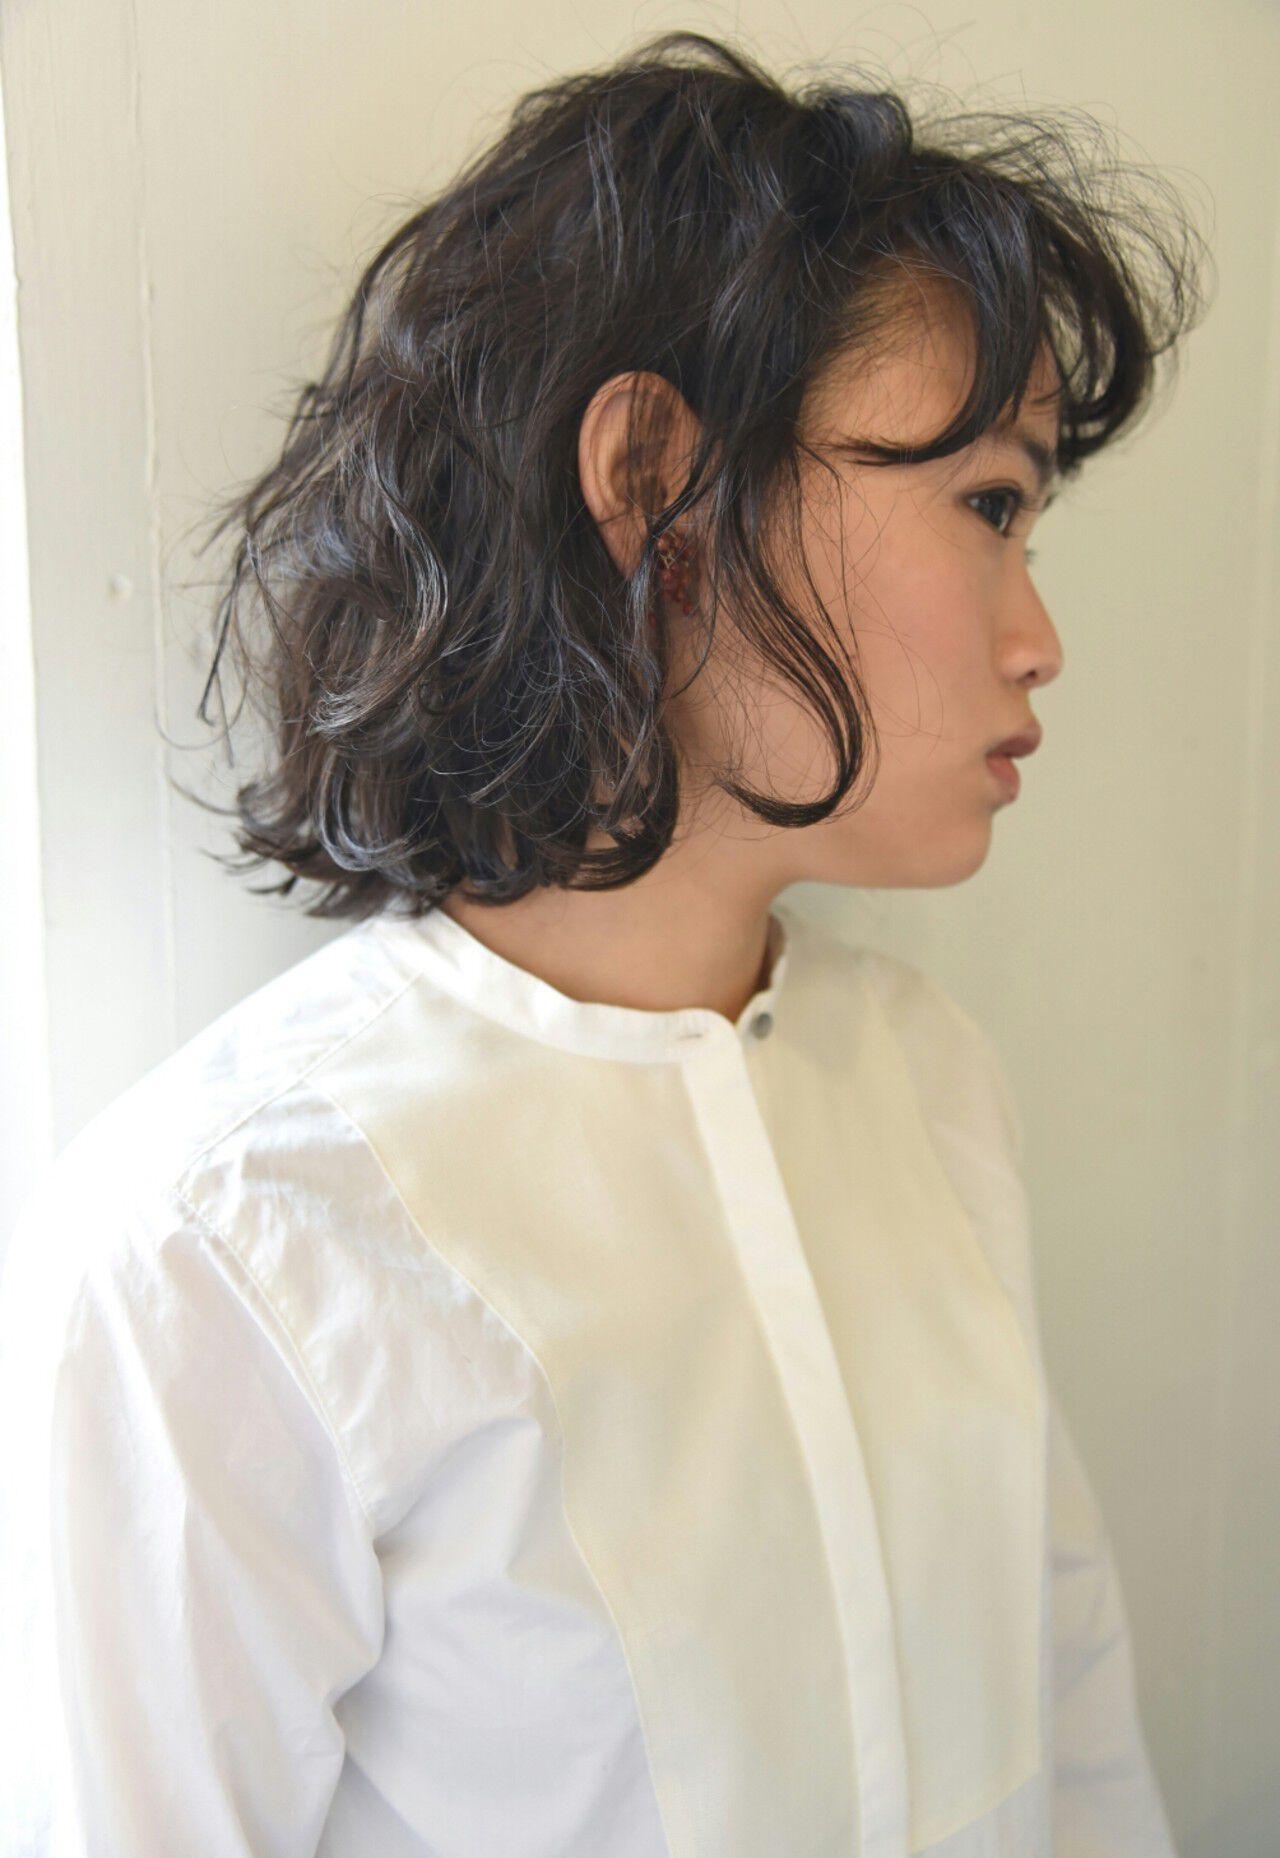 ボブ 外国人風 パーマ 前髪ありヘアスタイルや髪型の写真・画像